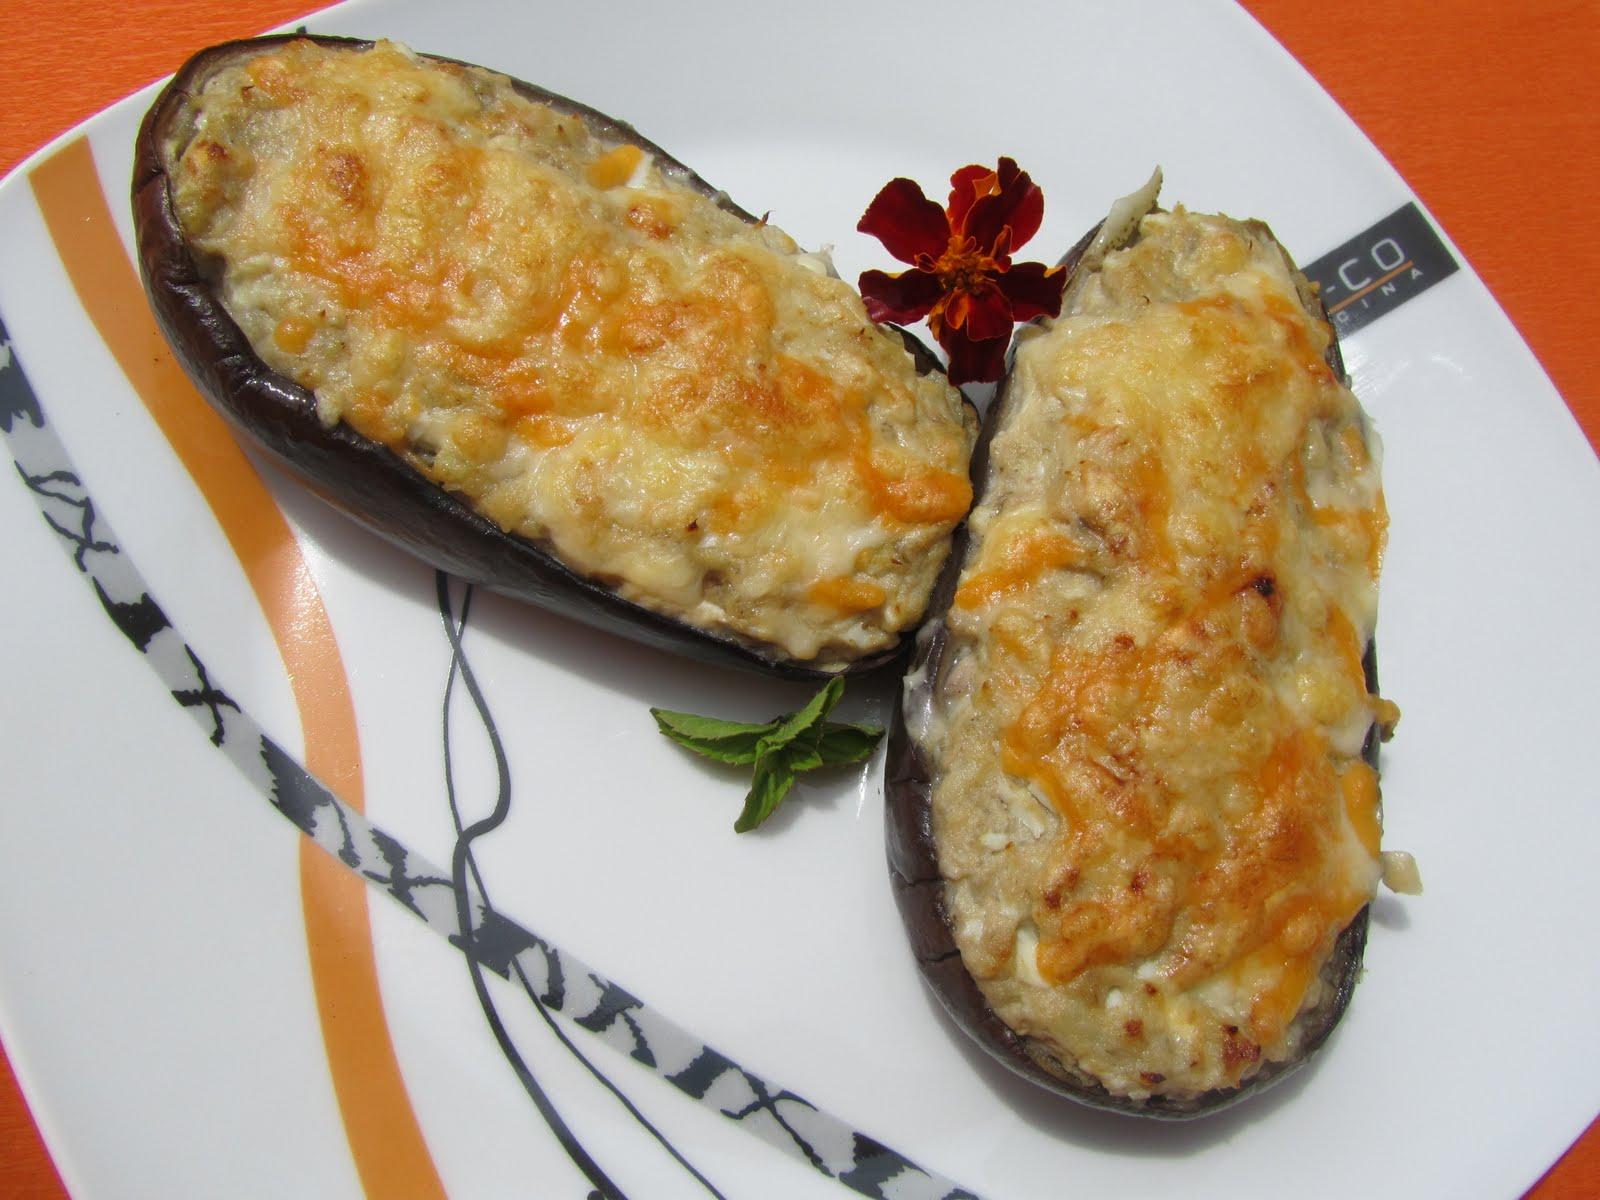 Hermoso Recetas De Cocina Sencillas Y Sanas Fotos La Cocina  ~ Recetas Faciles Y Bajas En Calorias